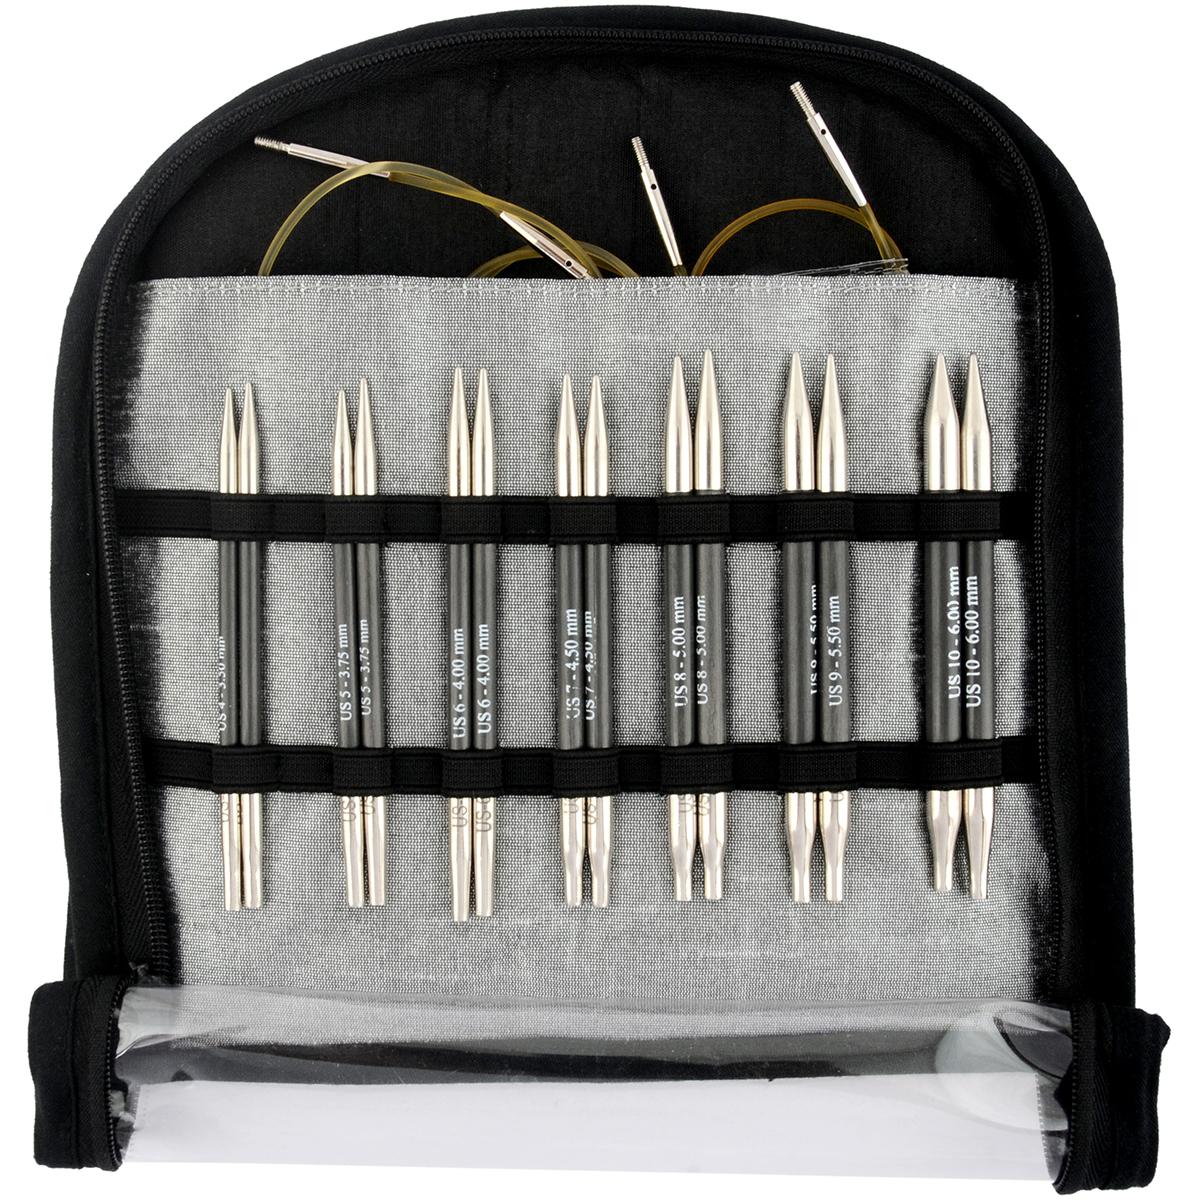 Karbonz Deluxe Special Interchangeable Needle Set